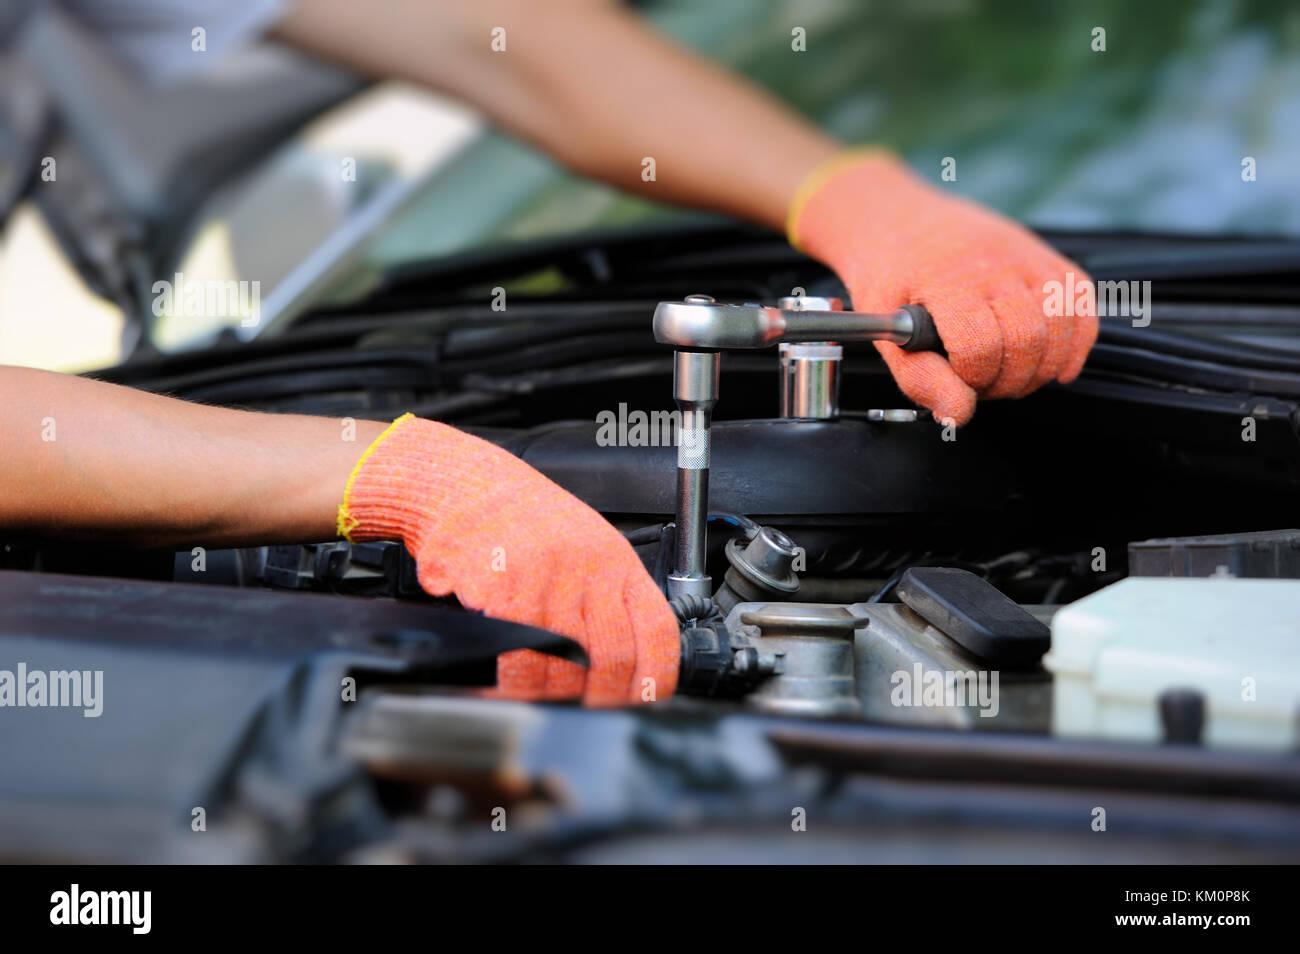 Händen der Kfz-Mechaniker in Auto-Reparatur-service Stockbild